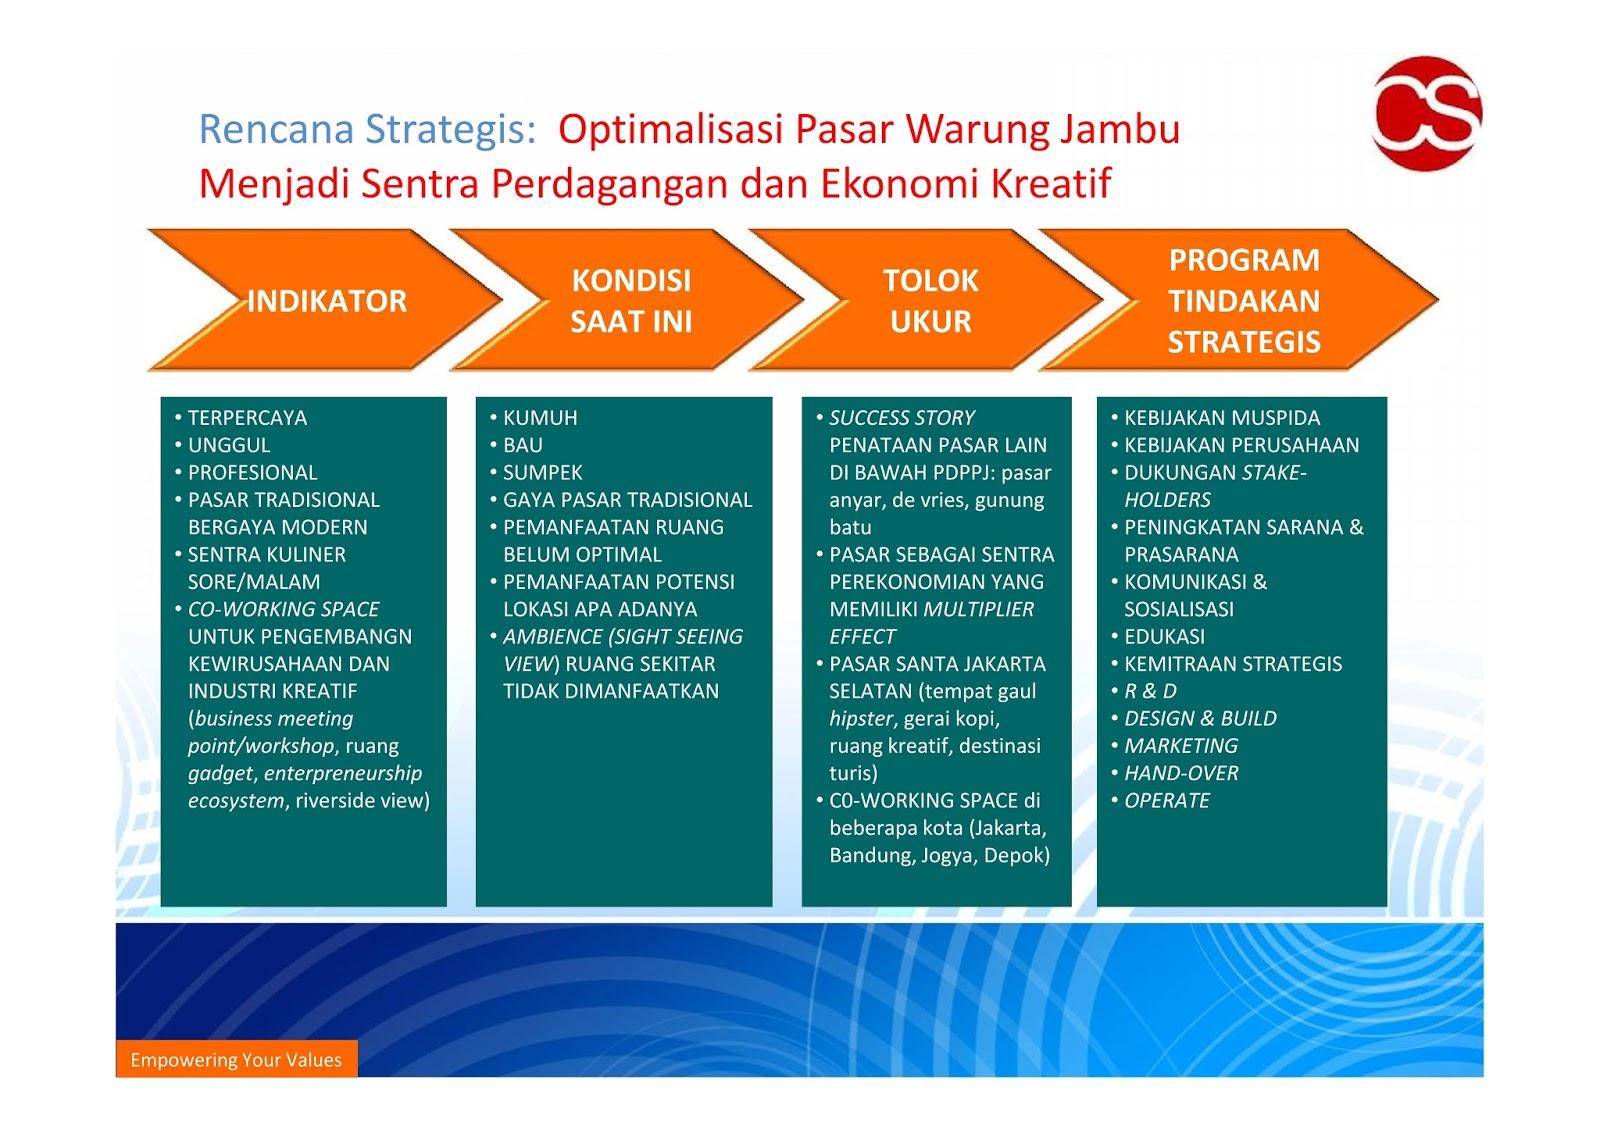 Pentingnya Strategi Efektif Untuk Membangun Persaingan Bisnis